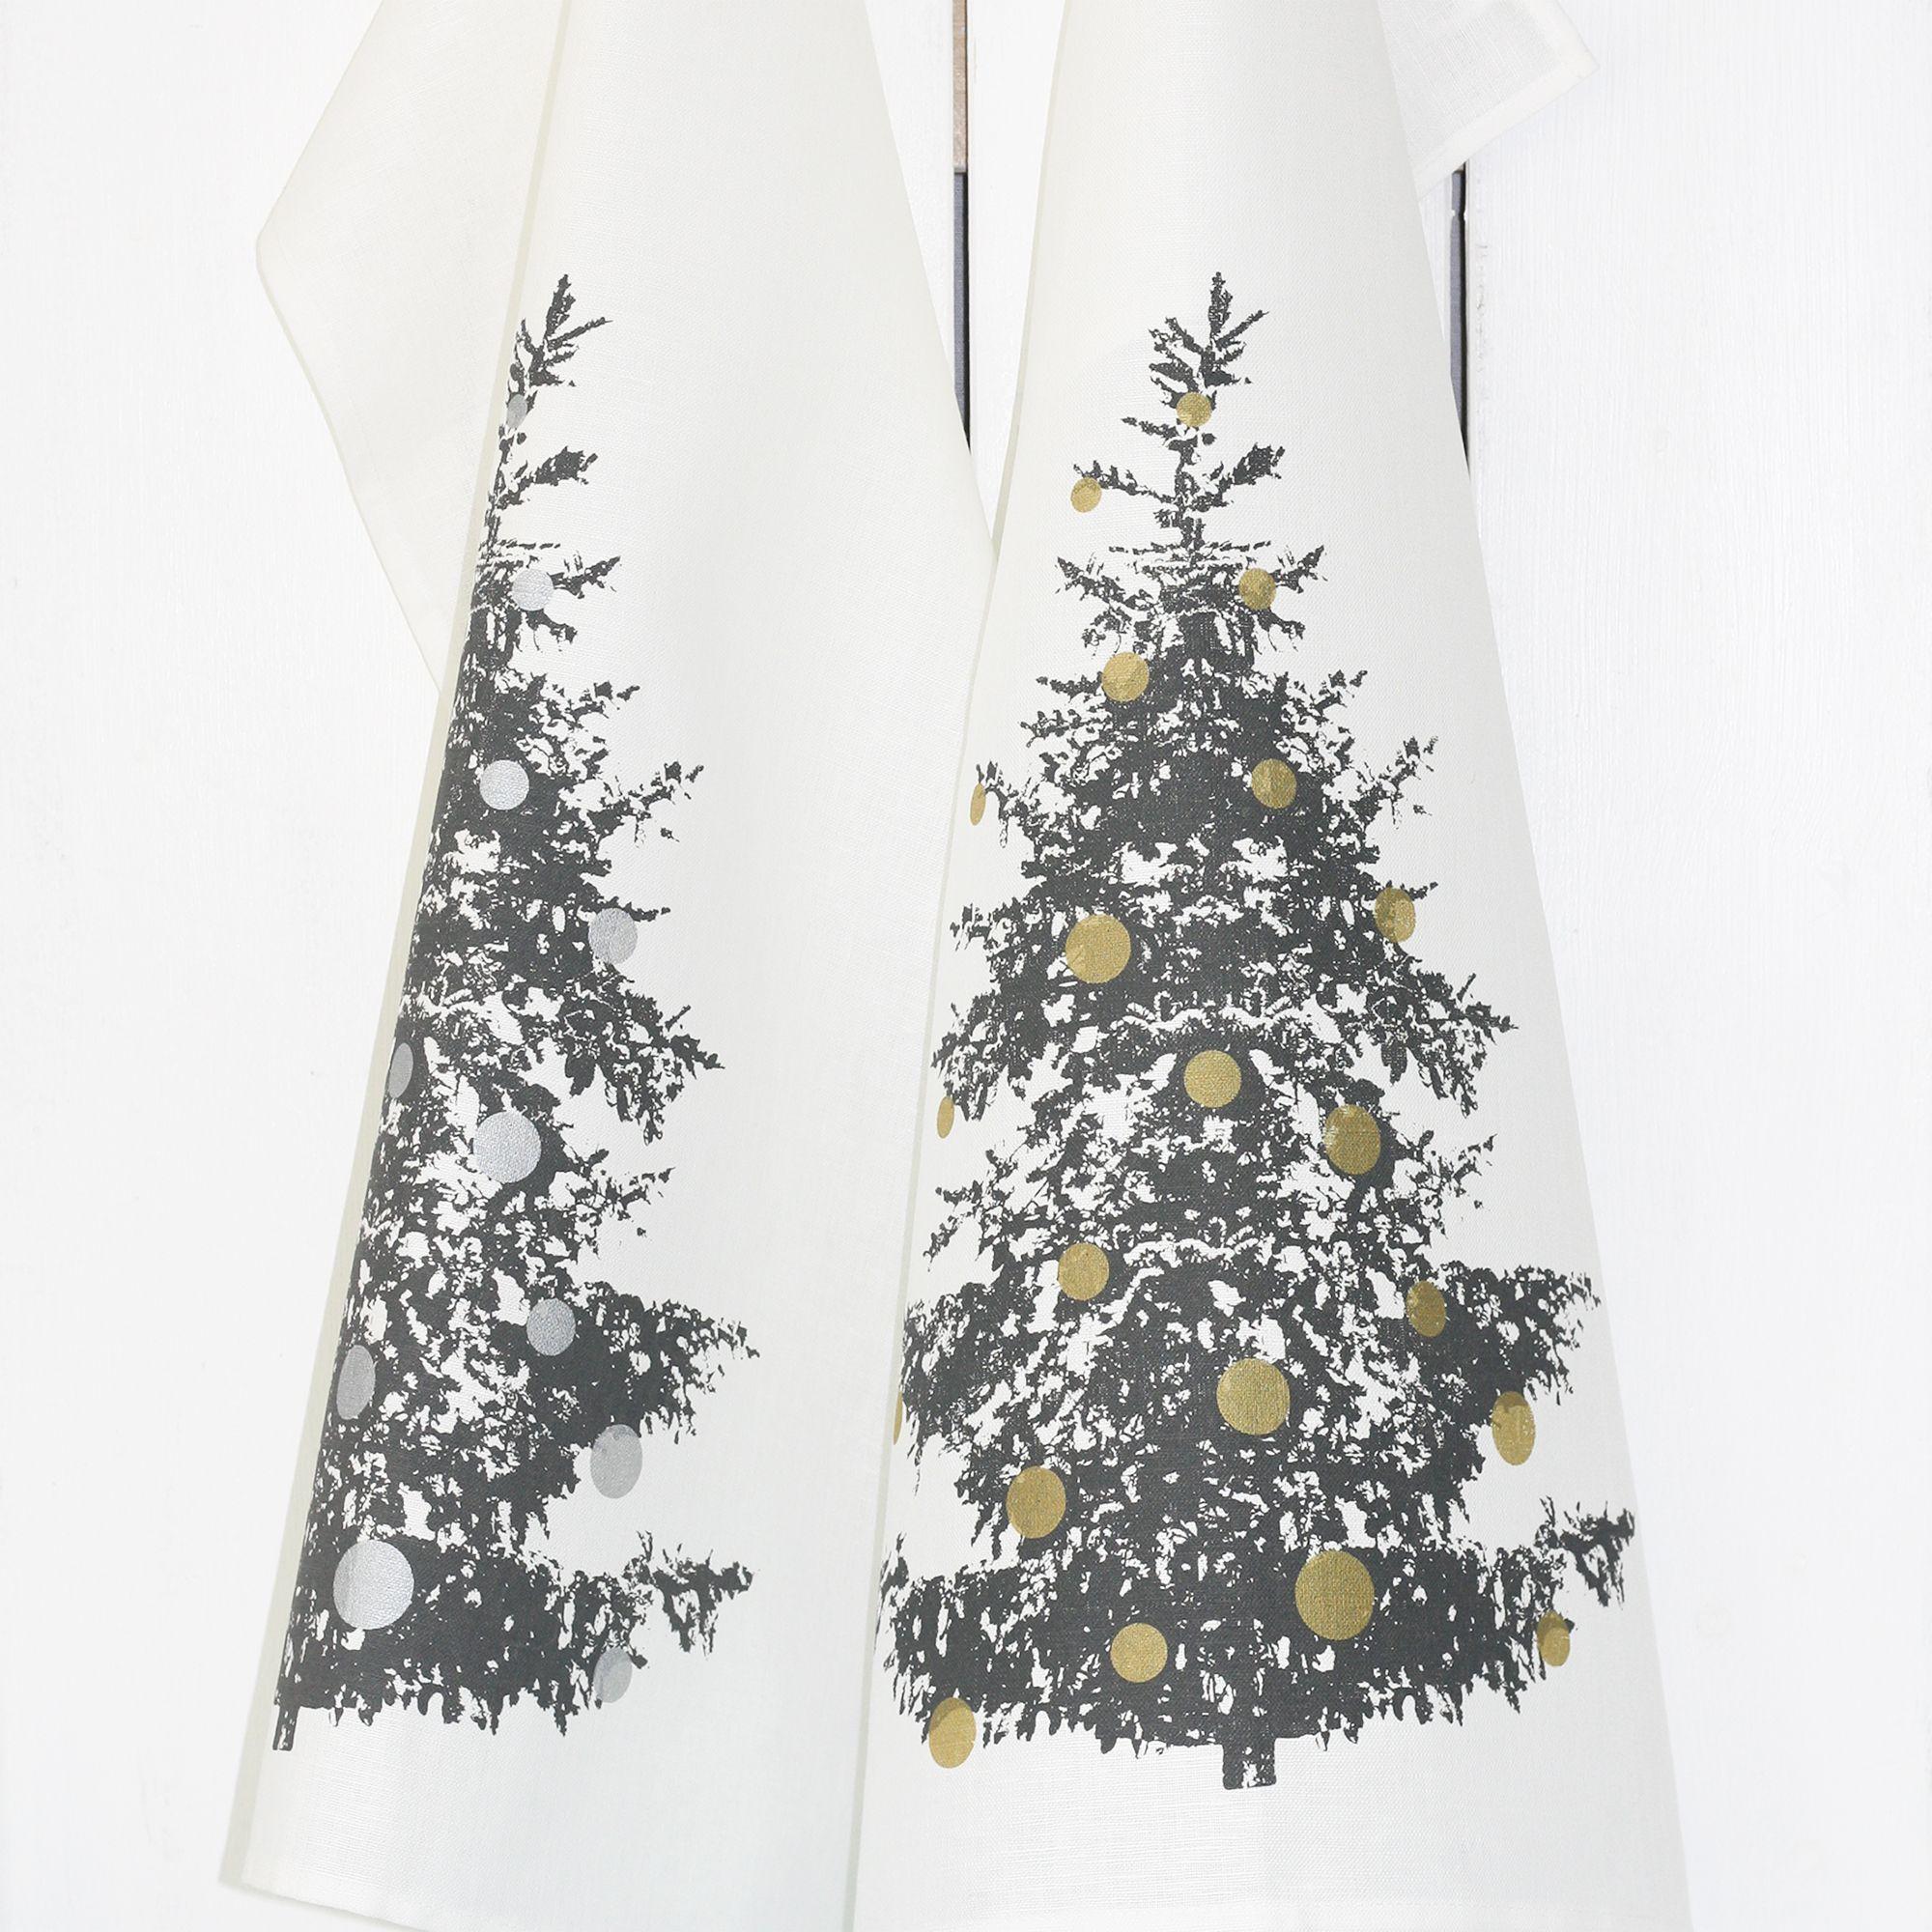 Geschirrtuch Tannenbaum Halbleinen Siebdruck Weihnachten Unsere Geschirrhandtücher sind für im lineshop auf Frohstoff erhältlich